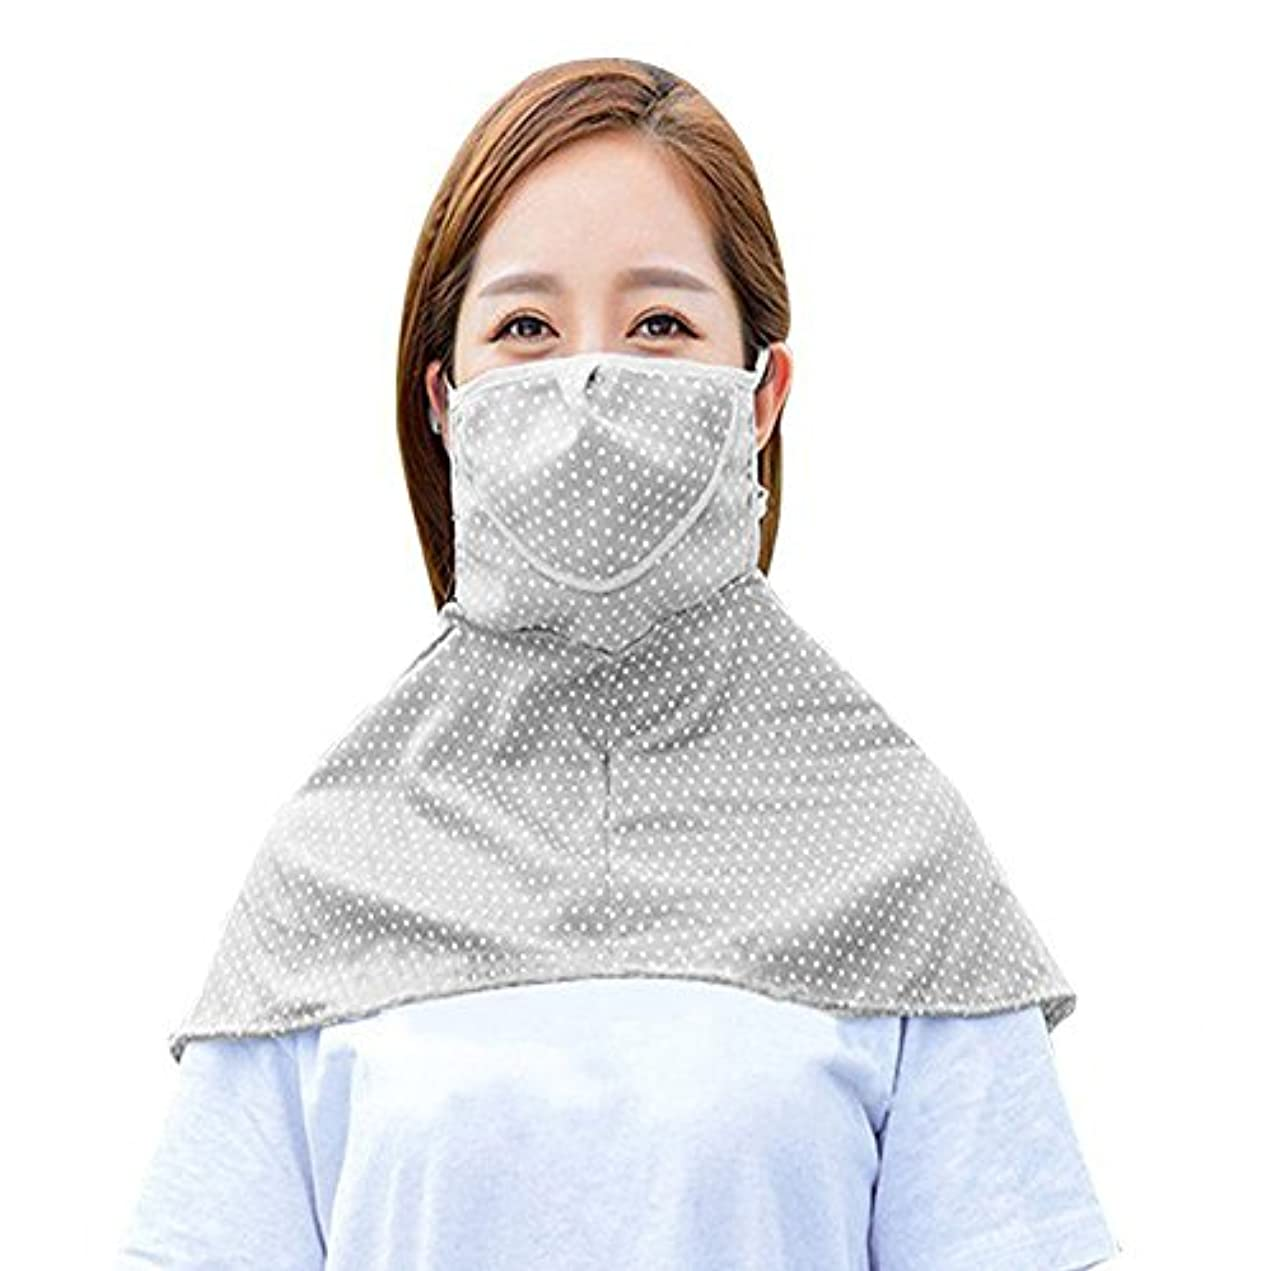 うがい薬高める画像PureNicot 日焼け防止 フェイスマスク UVカット 紫外線対策 農作業 ガーデニング レディース 首もともガード 3D UVマスク (グレー ドット)